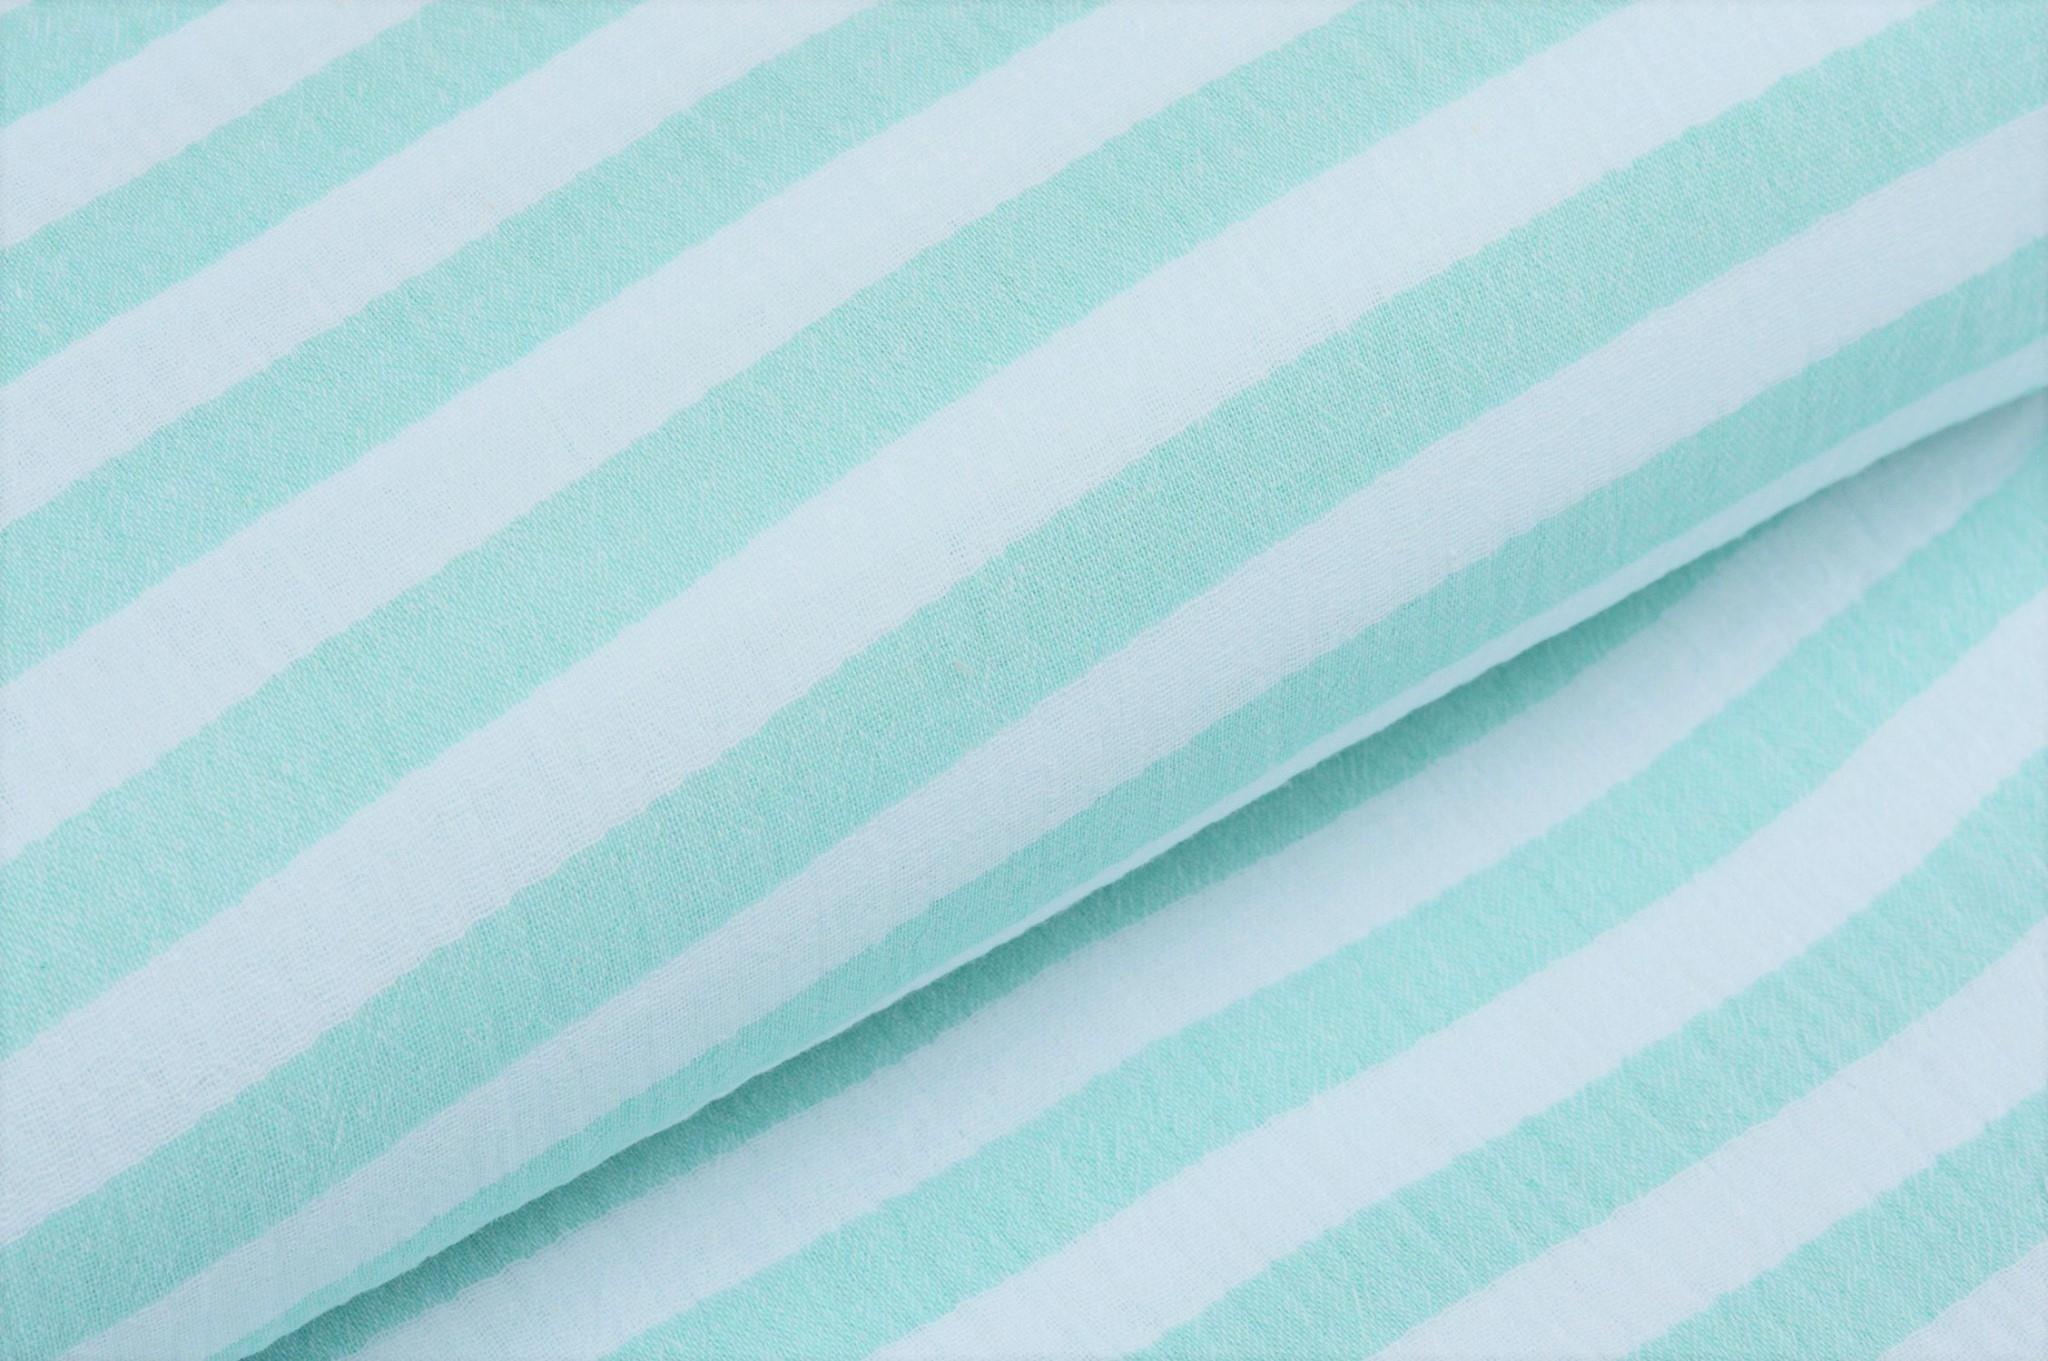 Baumwolle Musselin Double Gauze mit Streifen - ecru/mint